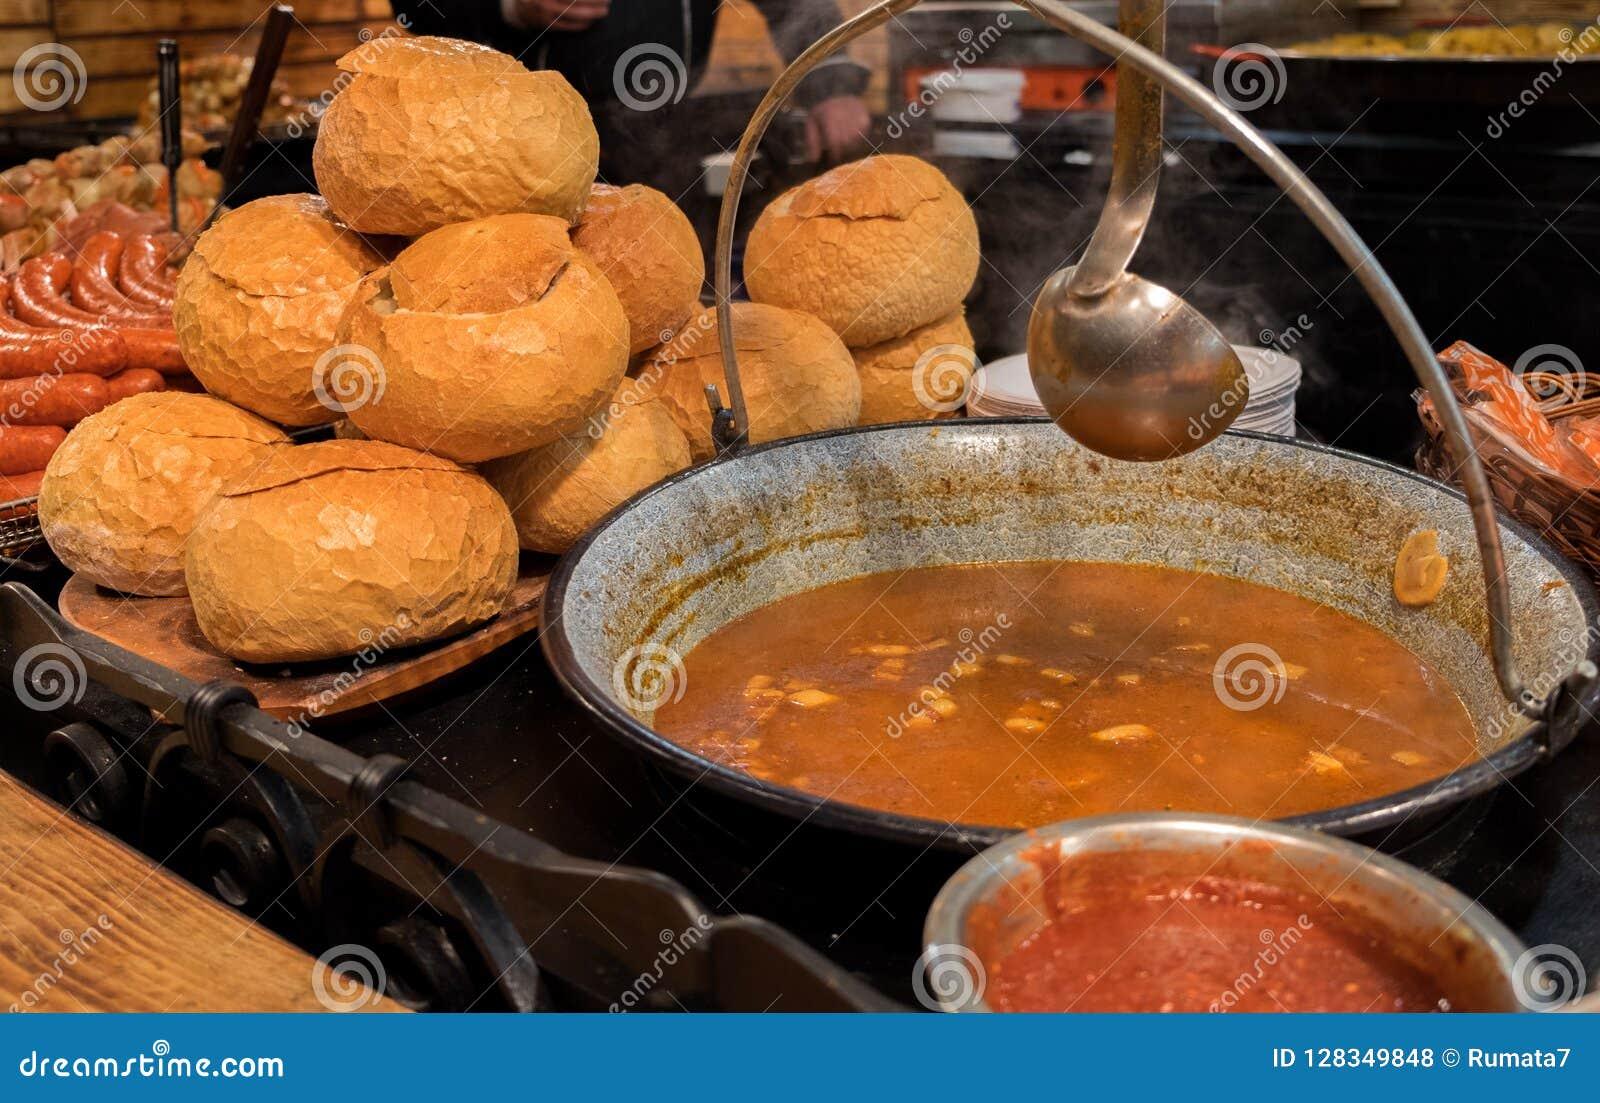 Węgierski Goulash - jesteśmy gulasz lub polewka mięso i warzywa